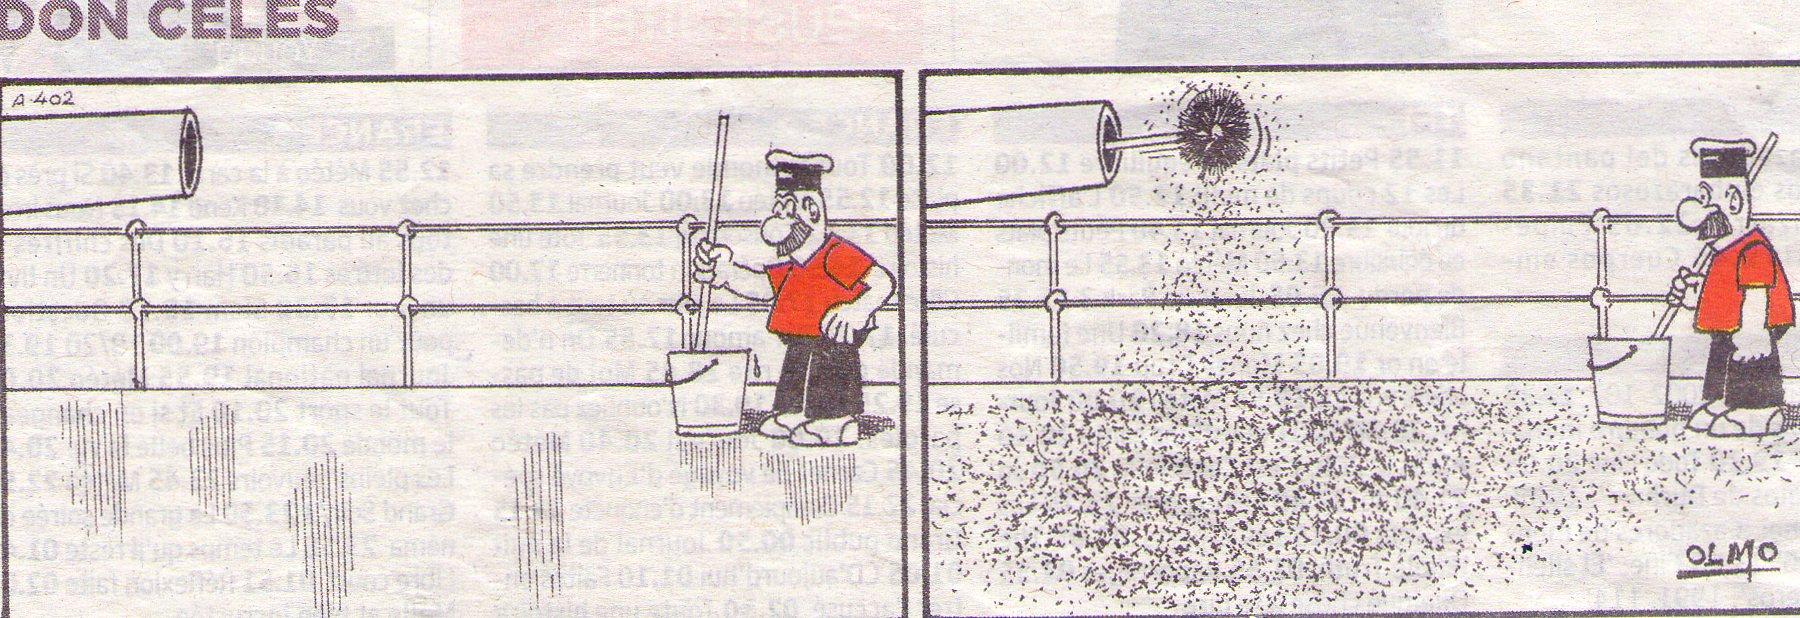 Don Celes limpiando la cubierta de un barco tiene mala suerte